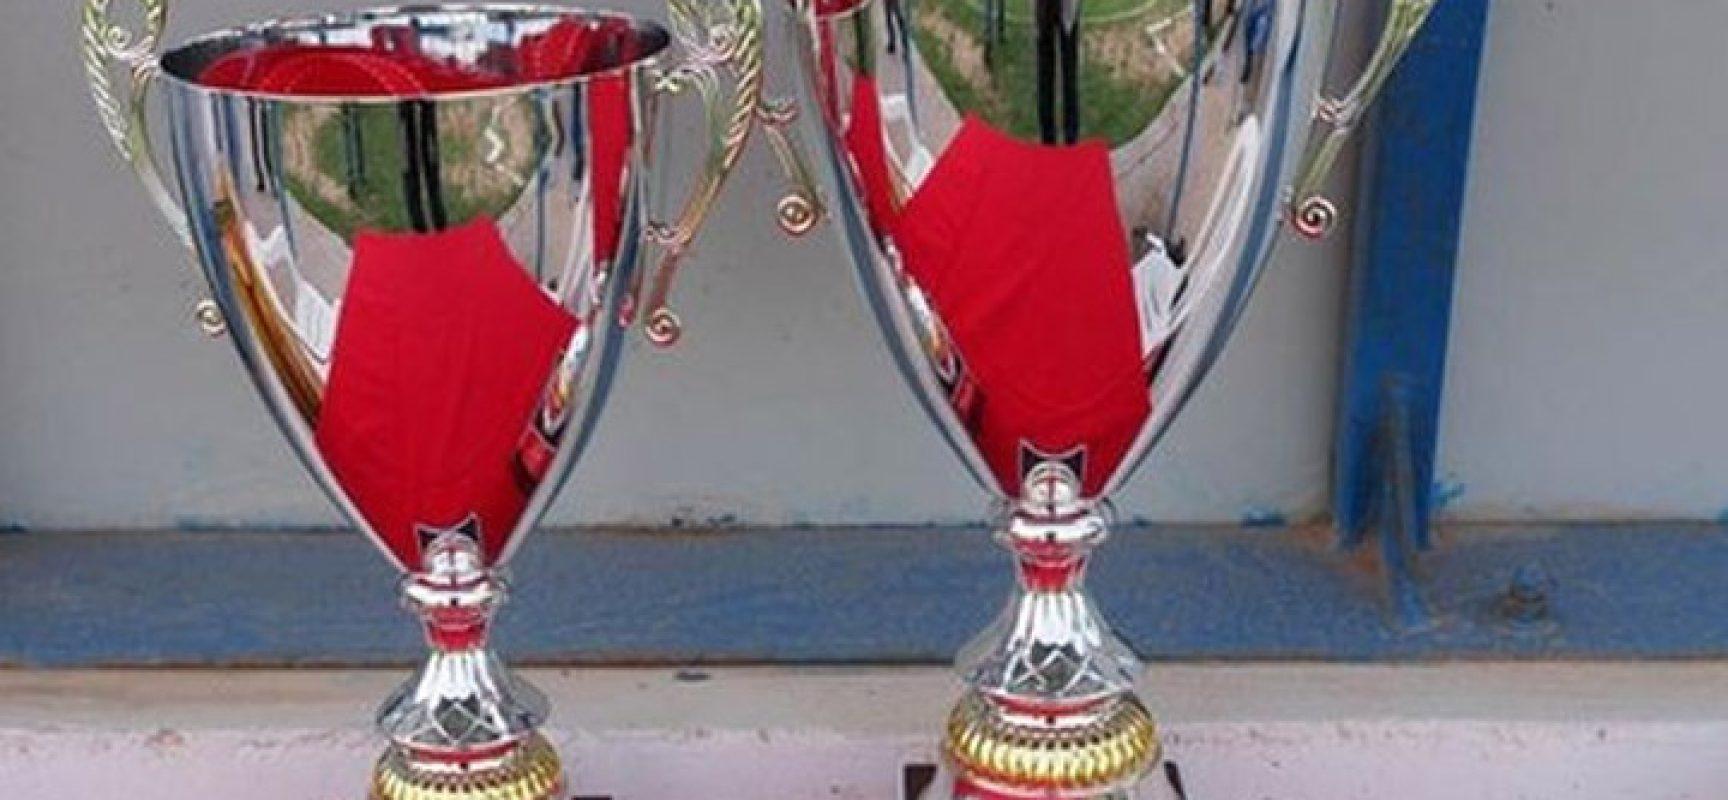 Προκήρυξη τελικού αγώνα Κυπέλλου Ελλάδος Τοξοβολίας ΑΧ, κατηγ. Α-Γ, 8&9/7/17, Βριλήσσια